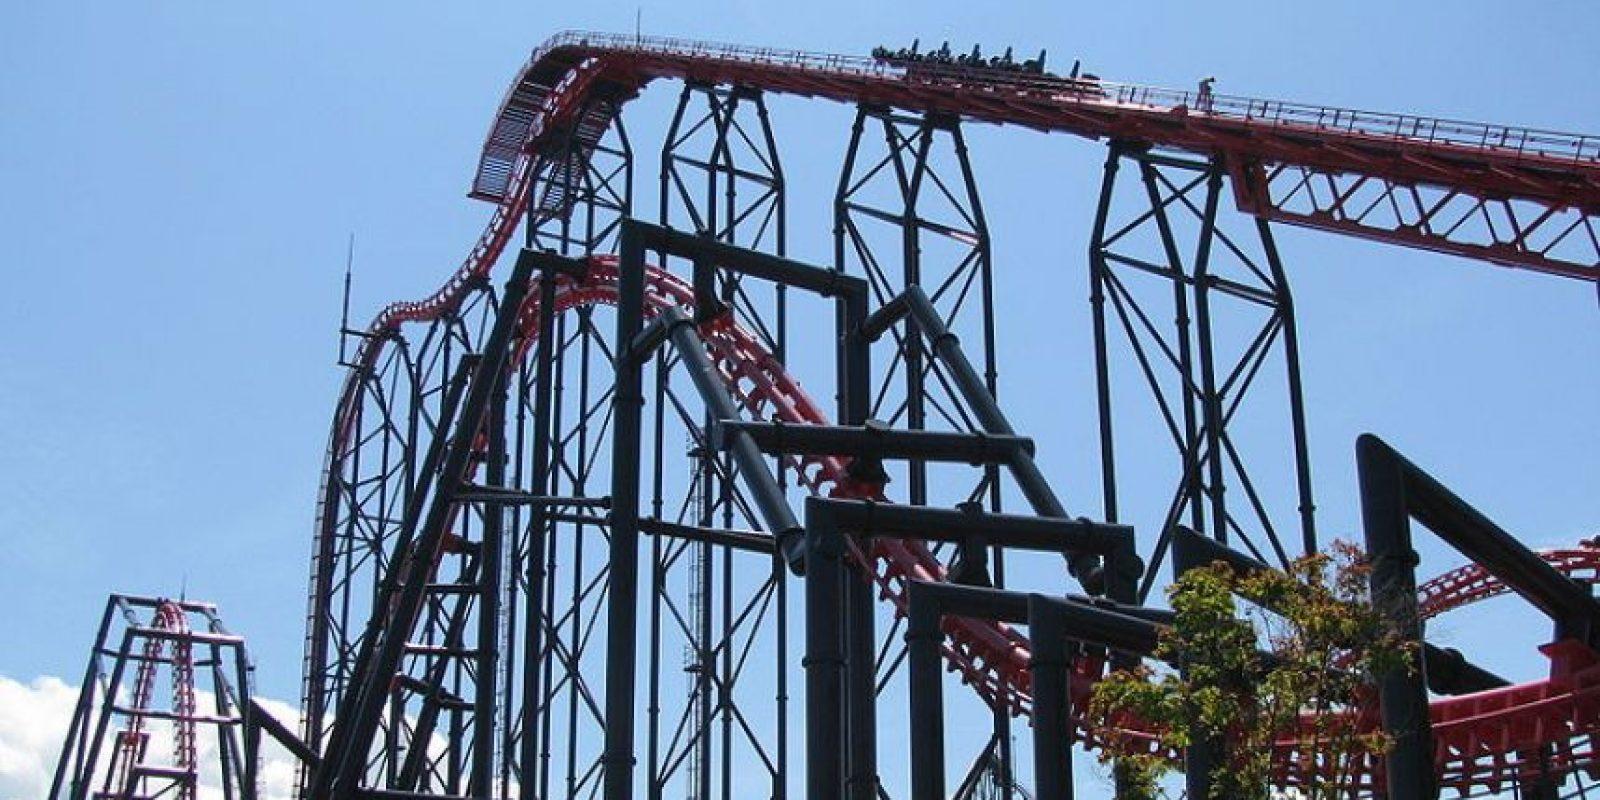 Parque: Fuji-Q Highland. Localización: Fujiyoshida,Yamanashi,Japón. Altura: 76 m. Velocidad: 126 km/h. Longitud: mil 153 m Foto:Wikimedia